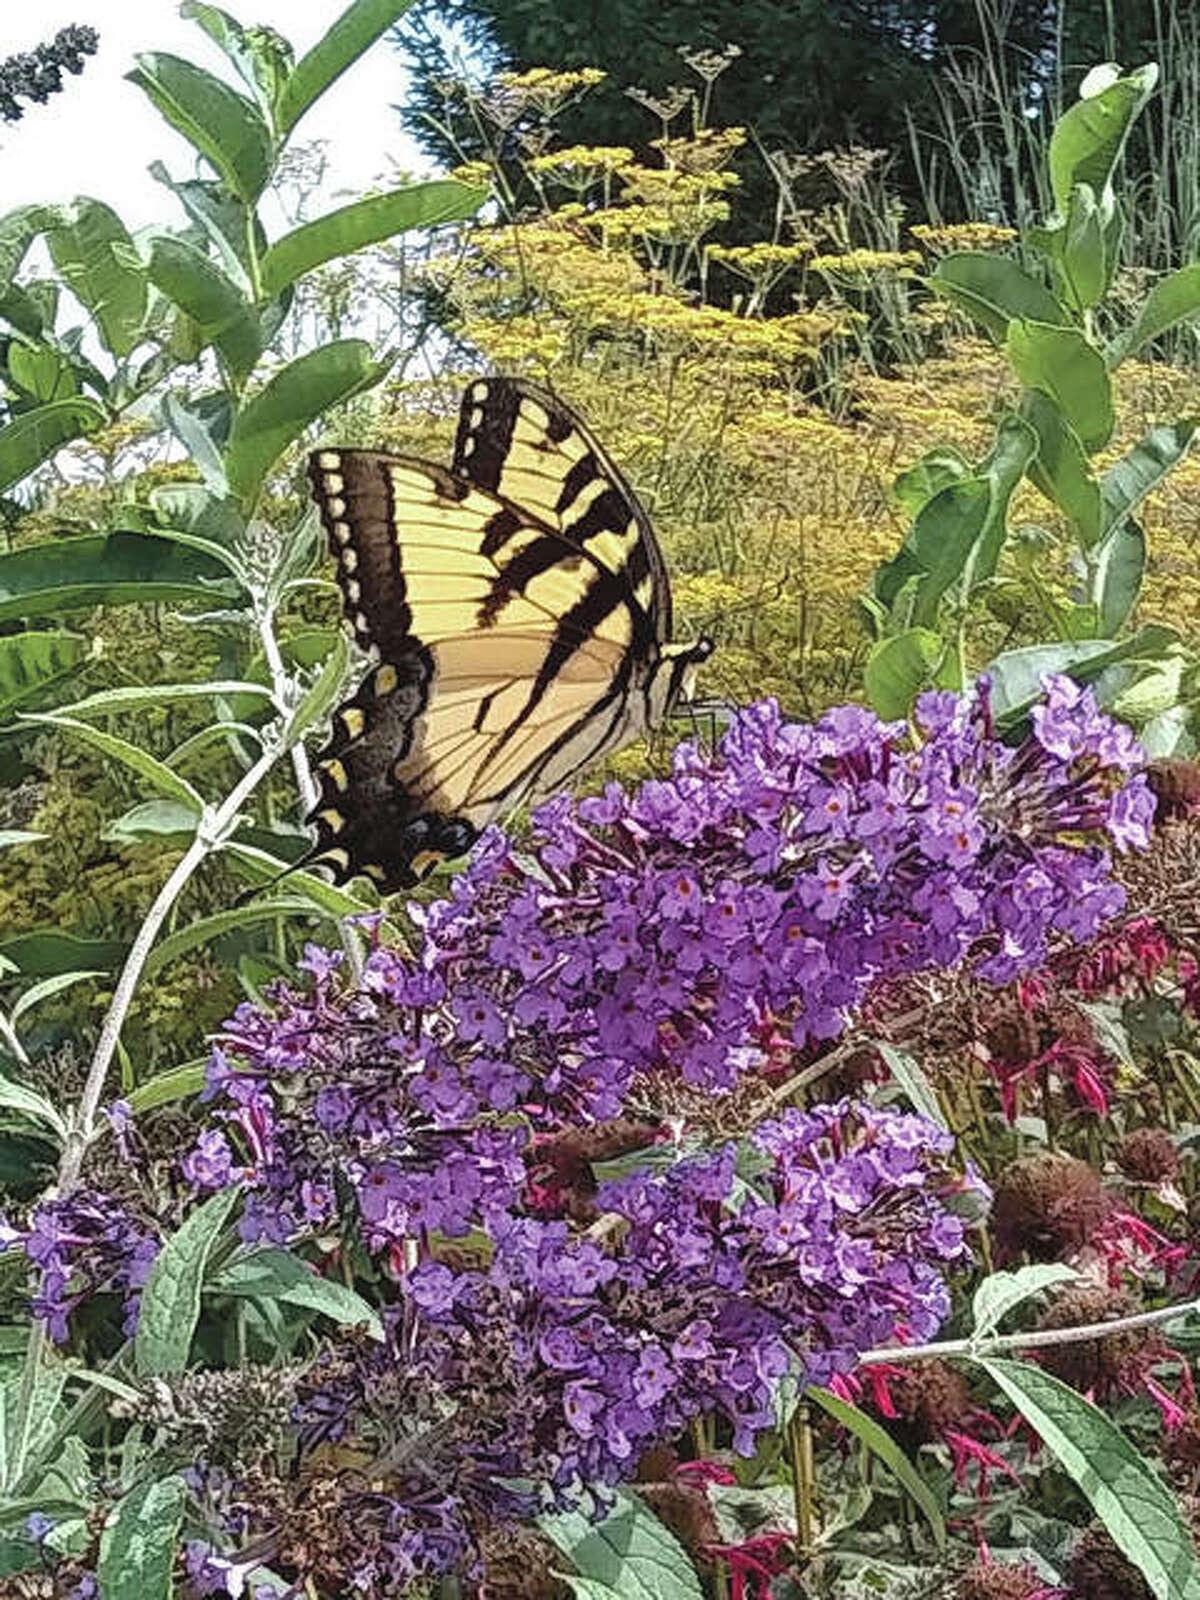 A tiger swallowtail butterfly flutters through a field.